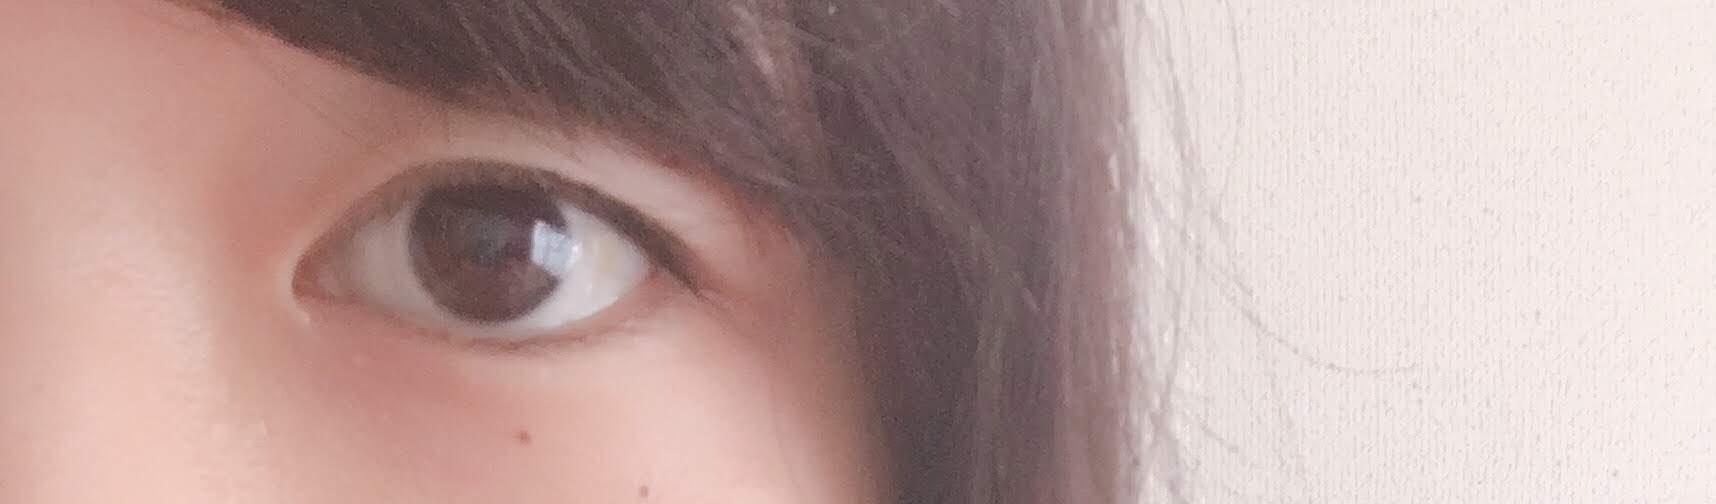 た 二 重 なっ 片目 に だけ